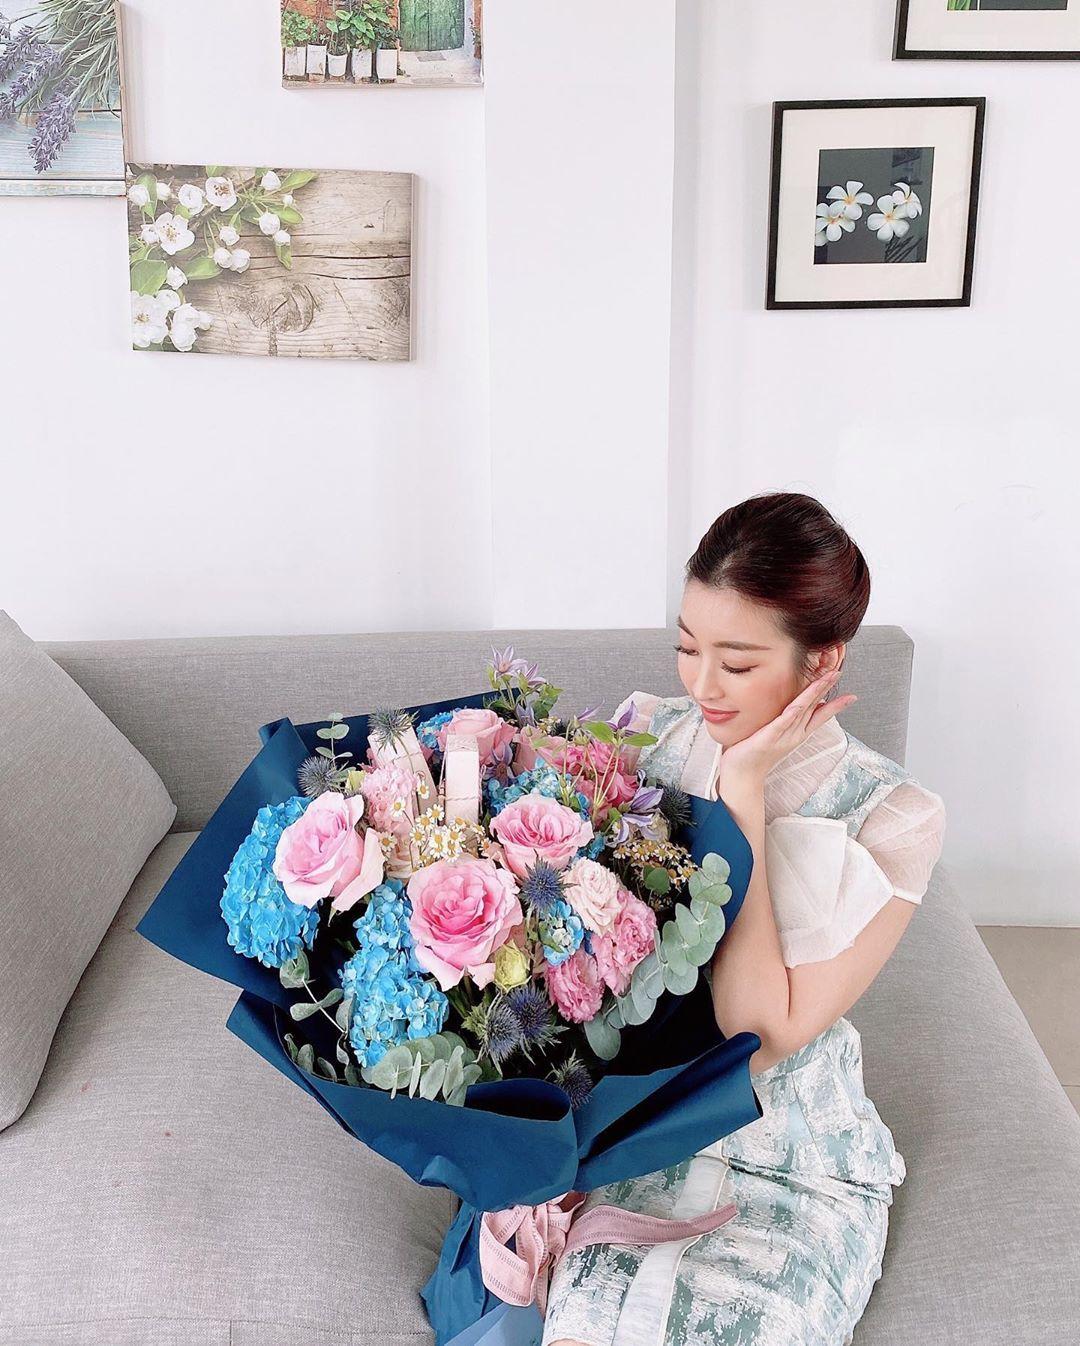 Ngọc Trinh mua đồng hồ 4 tỉ, Song Luân công khai bạn gái siêu mẫu